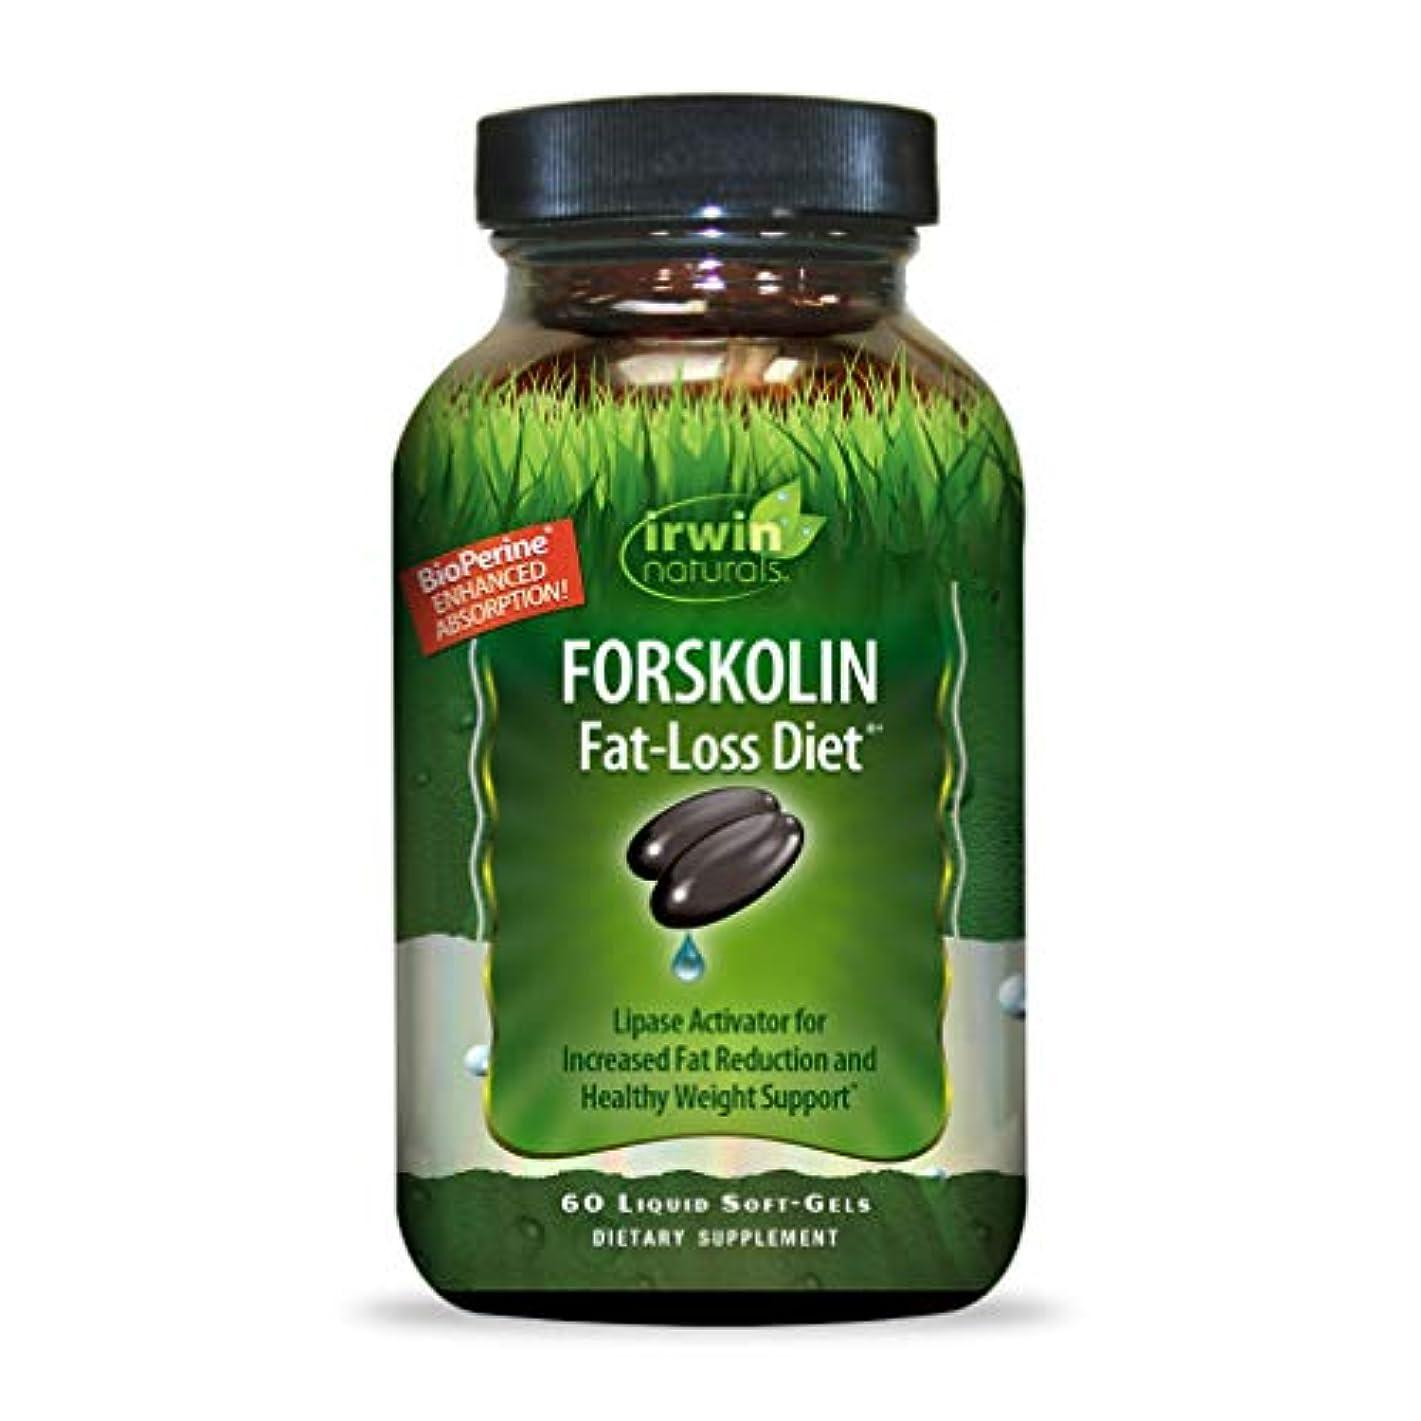 無関心構成チョップIrwin Naturals Forskolin(フォルスコリン) Fat-Loss Diet 60 sgels